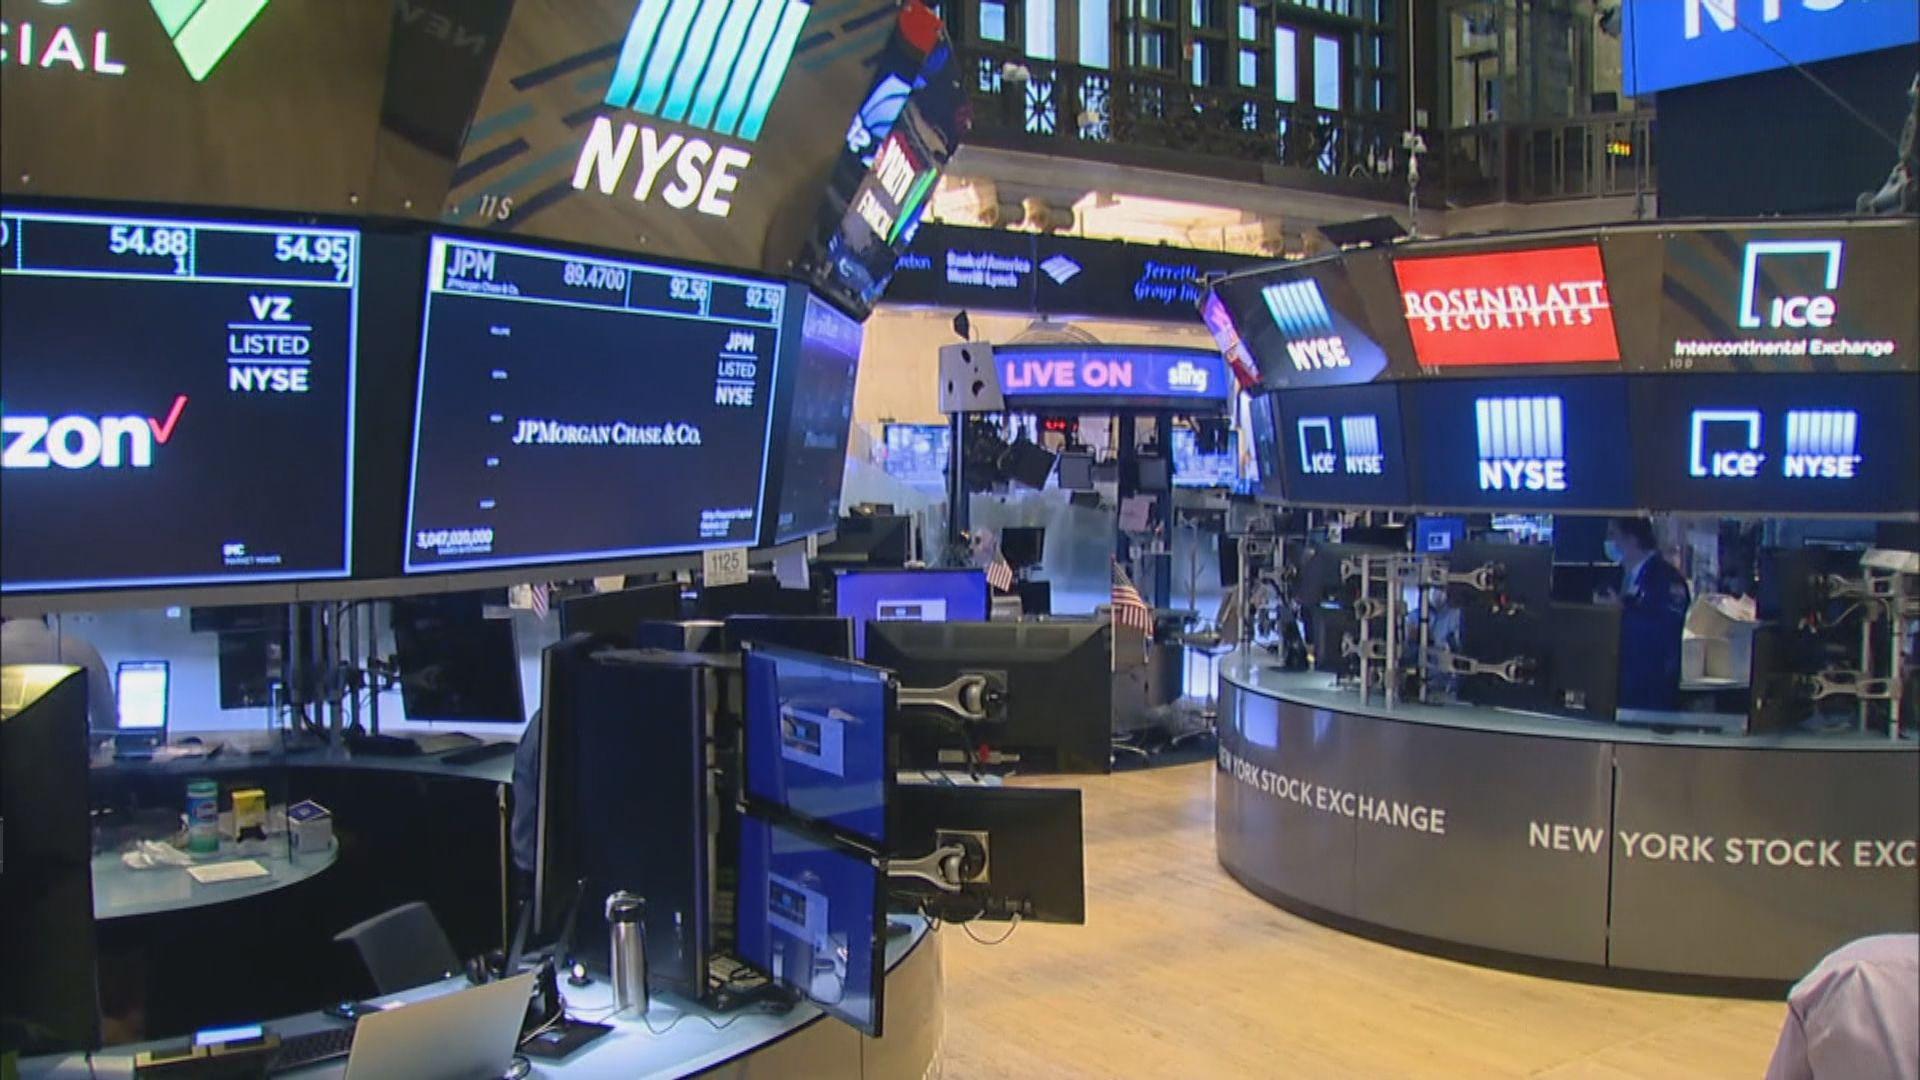 投資者觀望企業業績 美股早段反覆